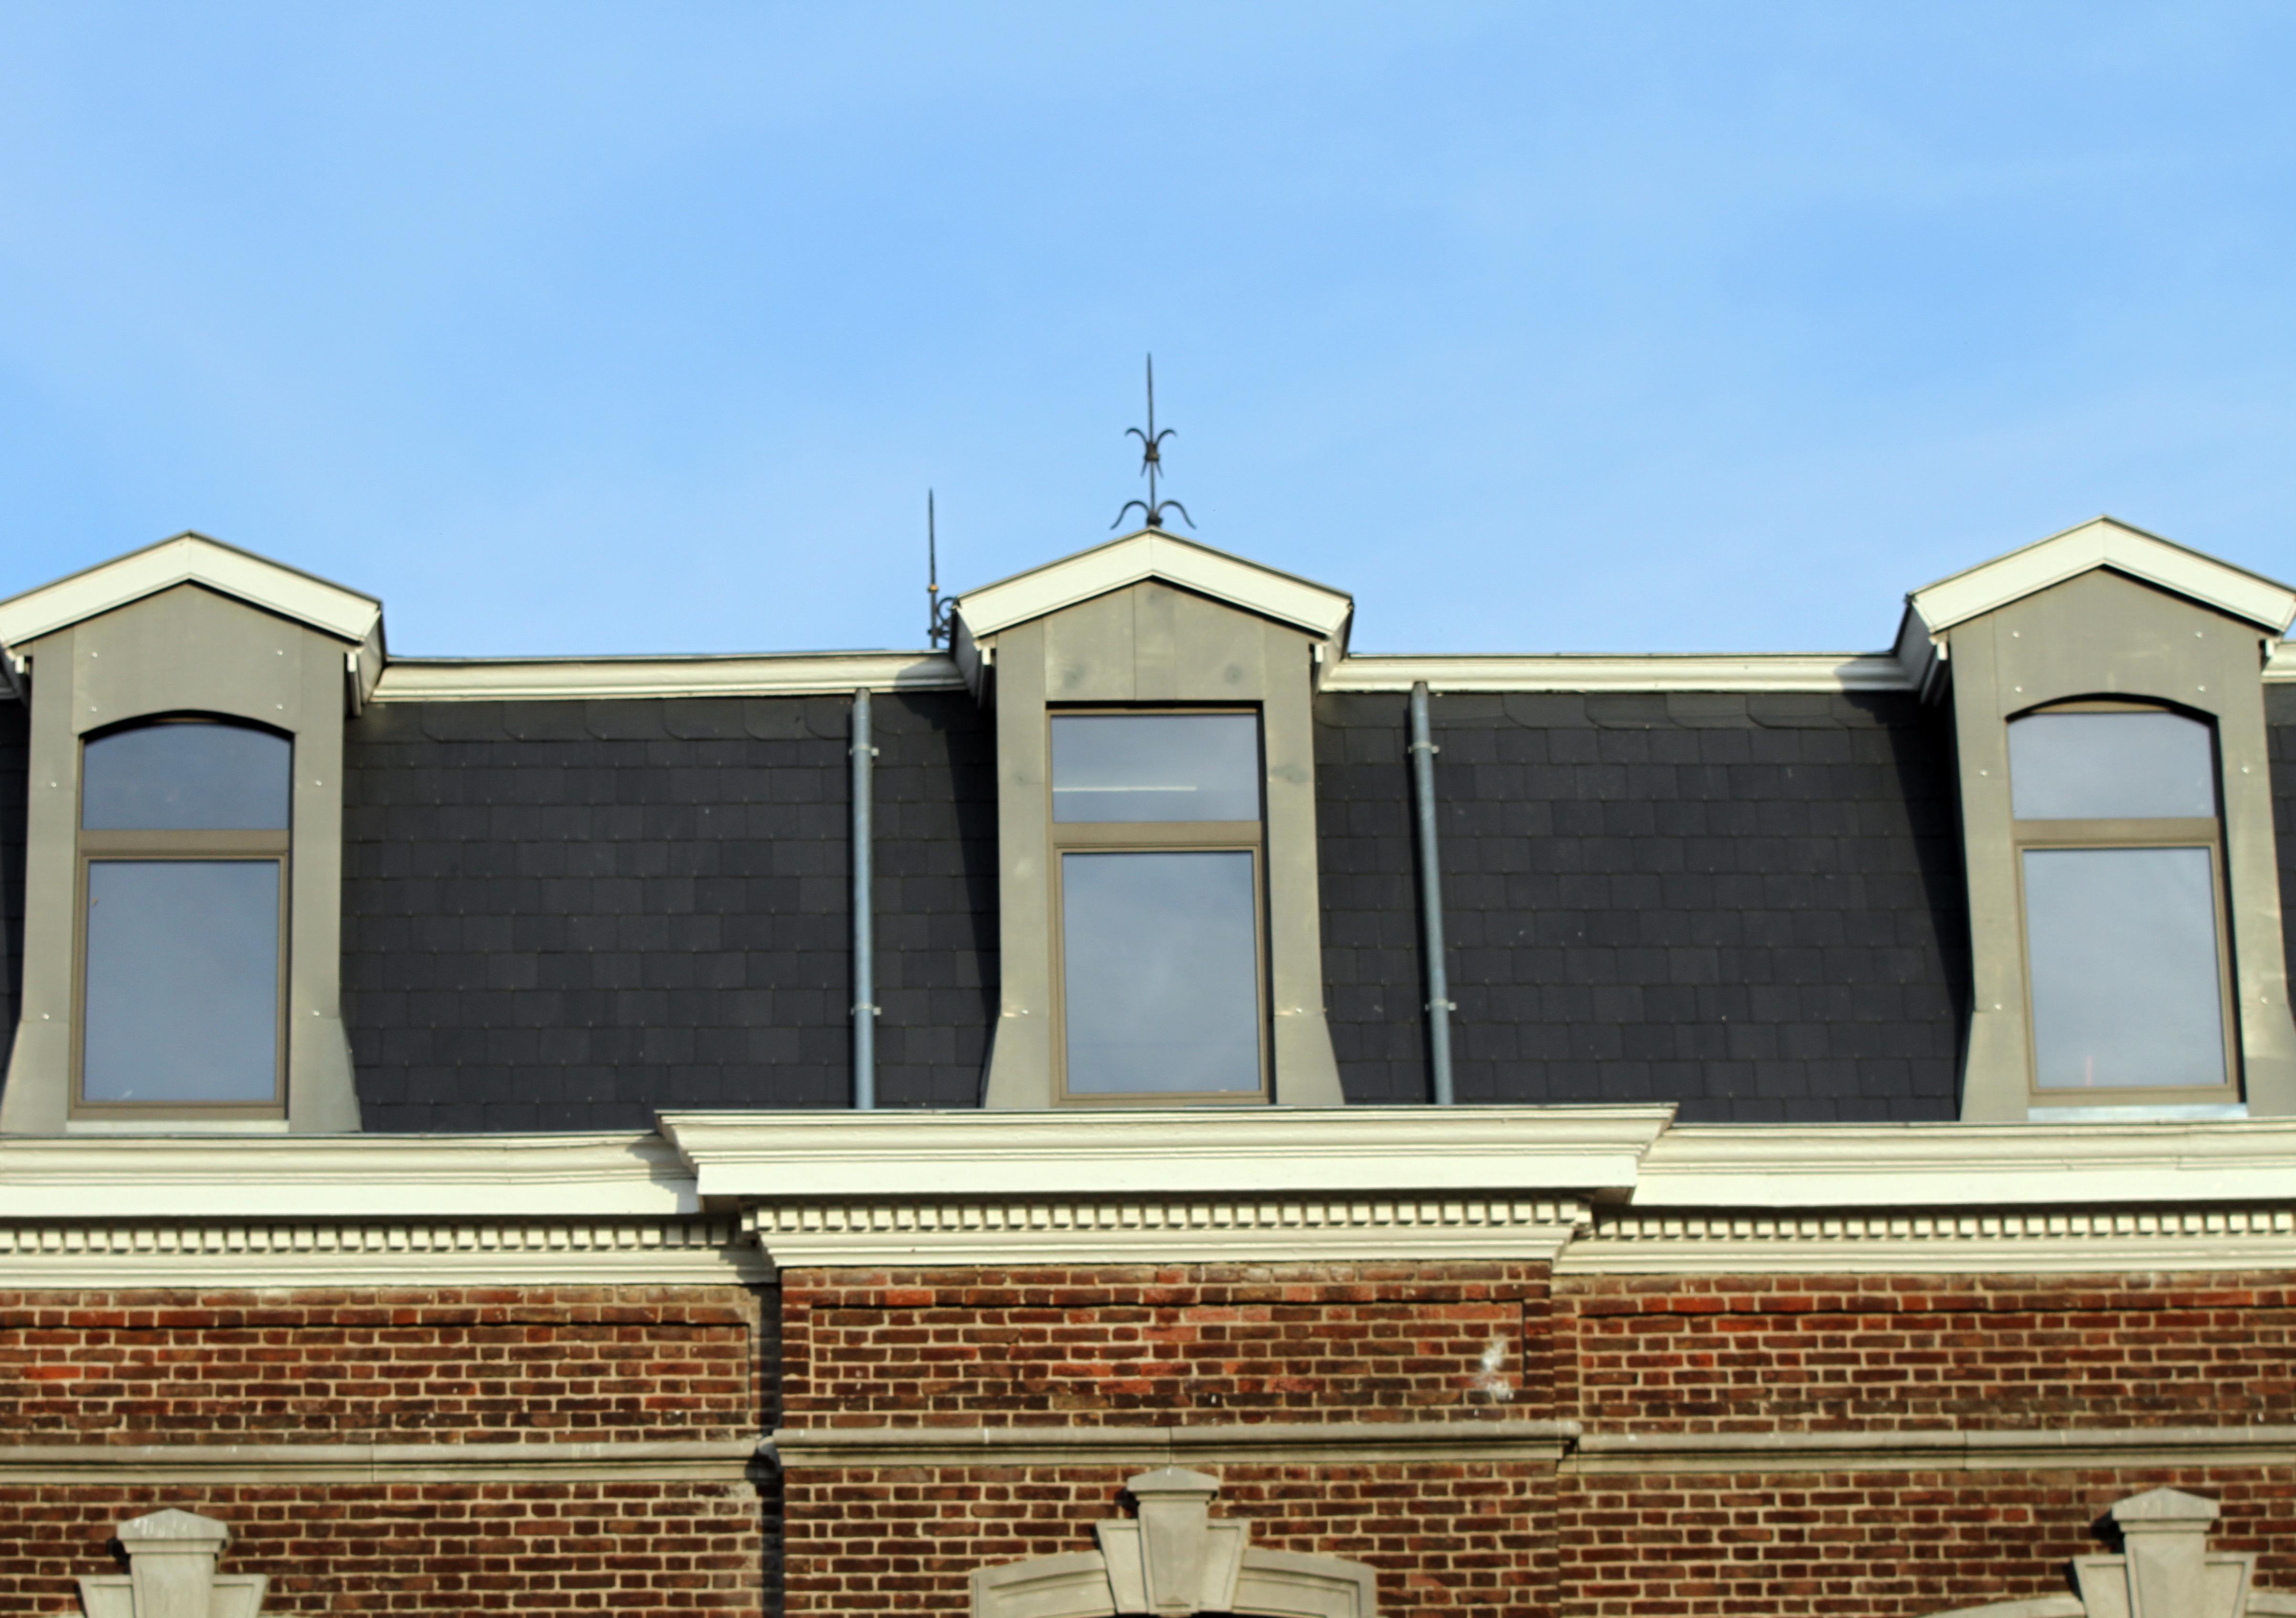 Renovation ancienne maison de maitre toiture ruymaekers for Aide renovation maison ancienne pour location